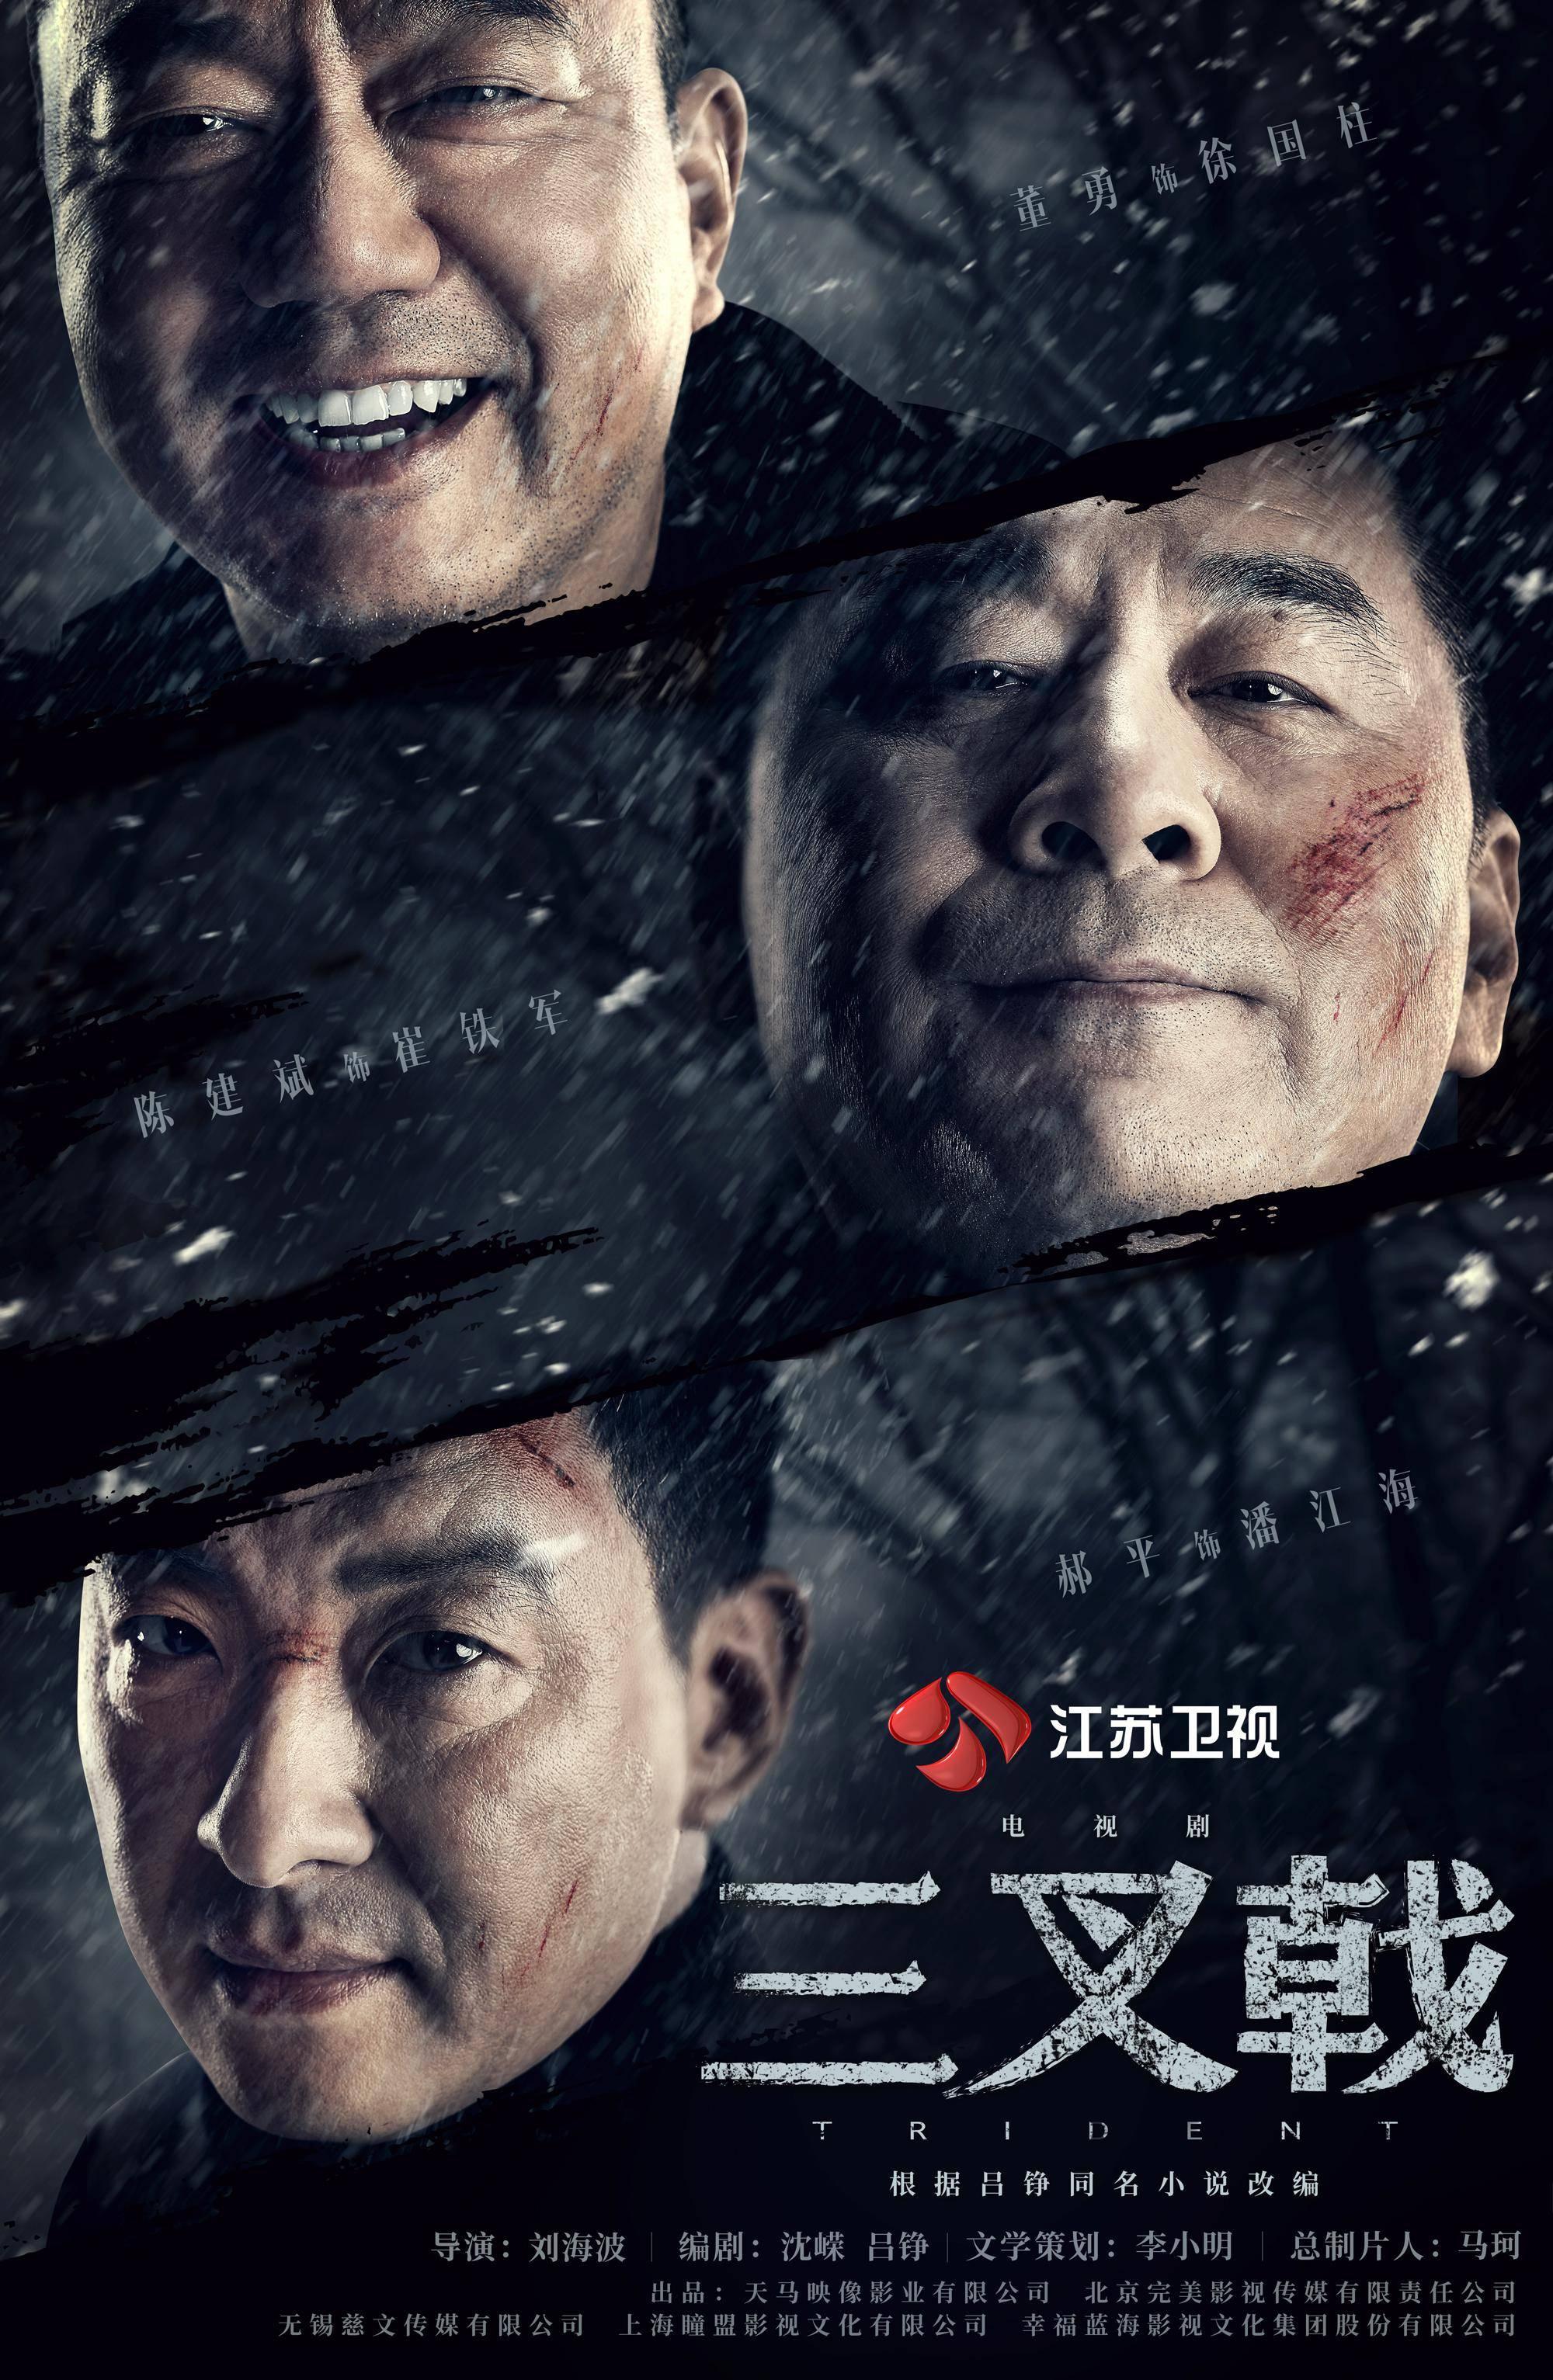 『赵子琪』但三个女人戏也很精彩,陶红、胡可、赵子琪演技精湛男人戏为